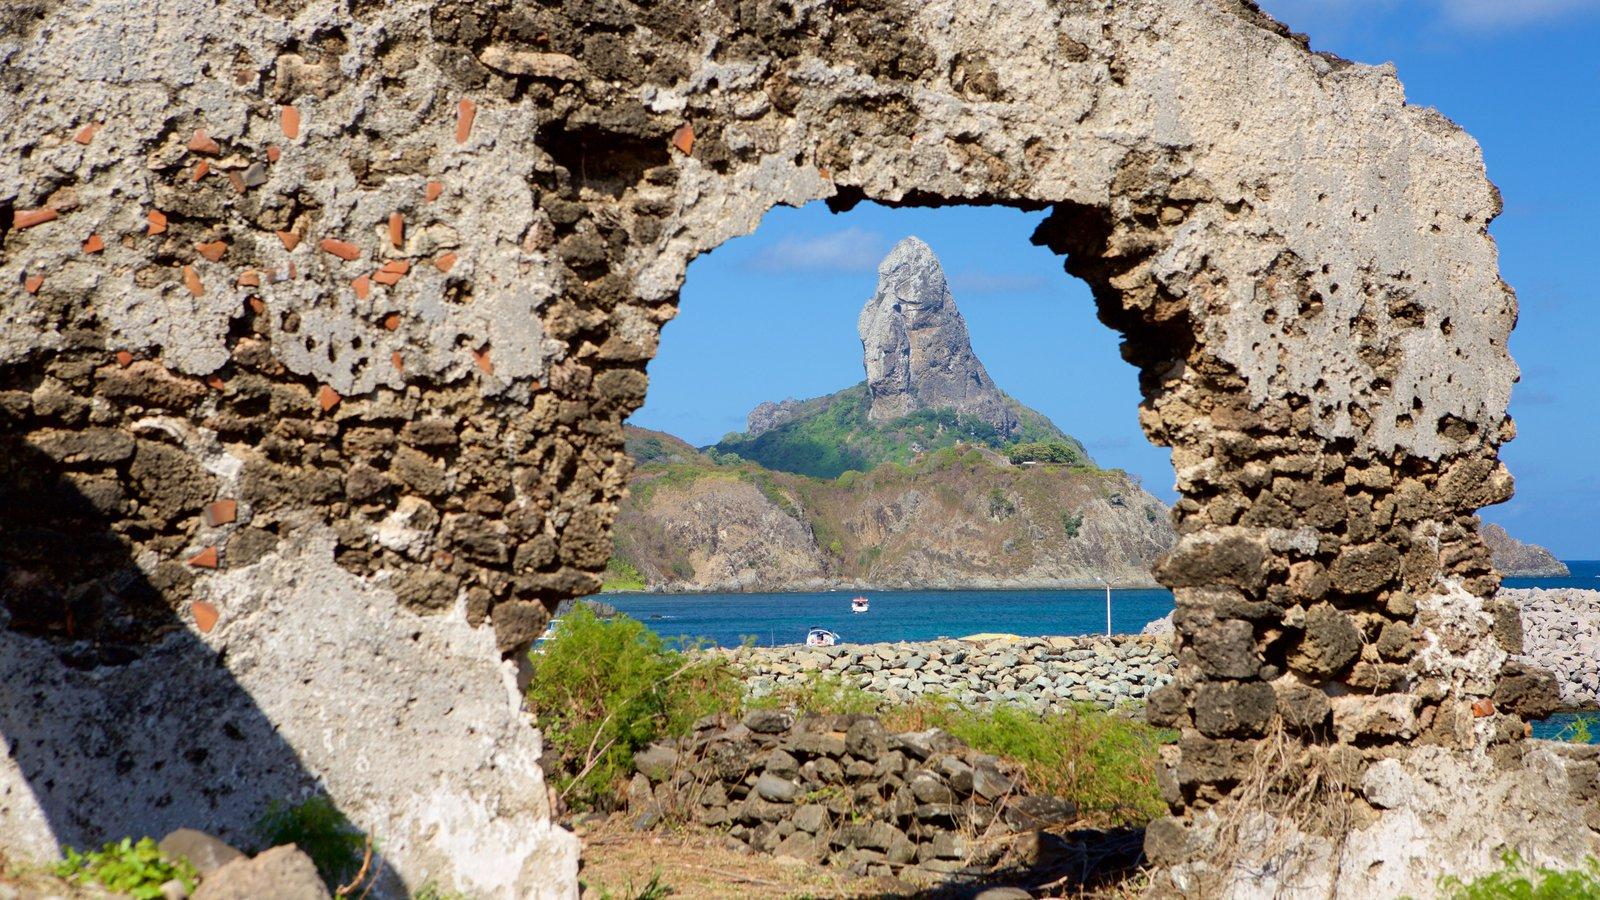 Ruínas do Forte de Santo Antônio mostrando elementos de patrimônio, paisagens litorâneas e litoral rochoso